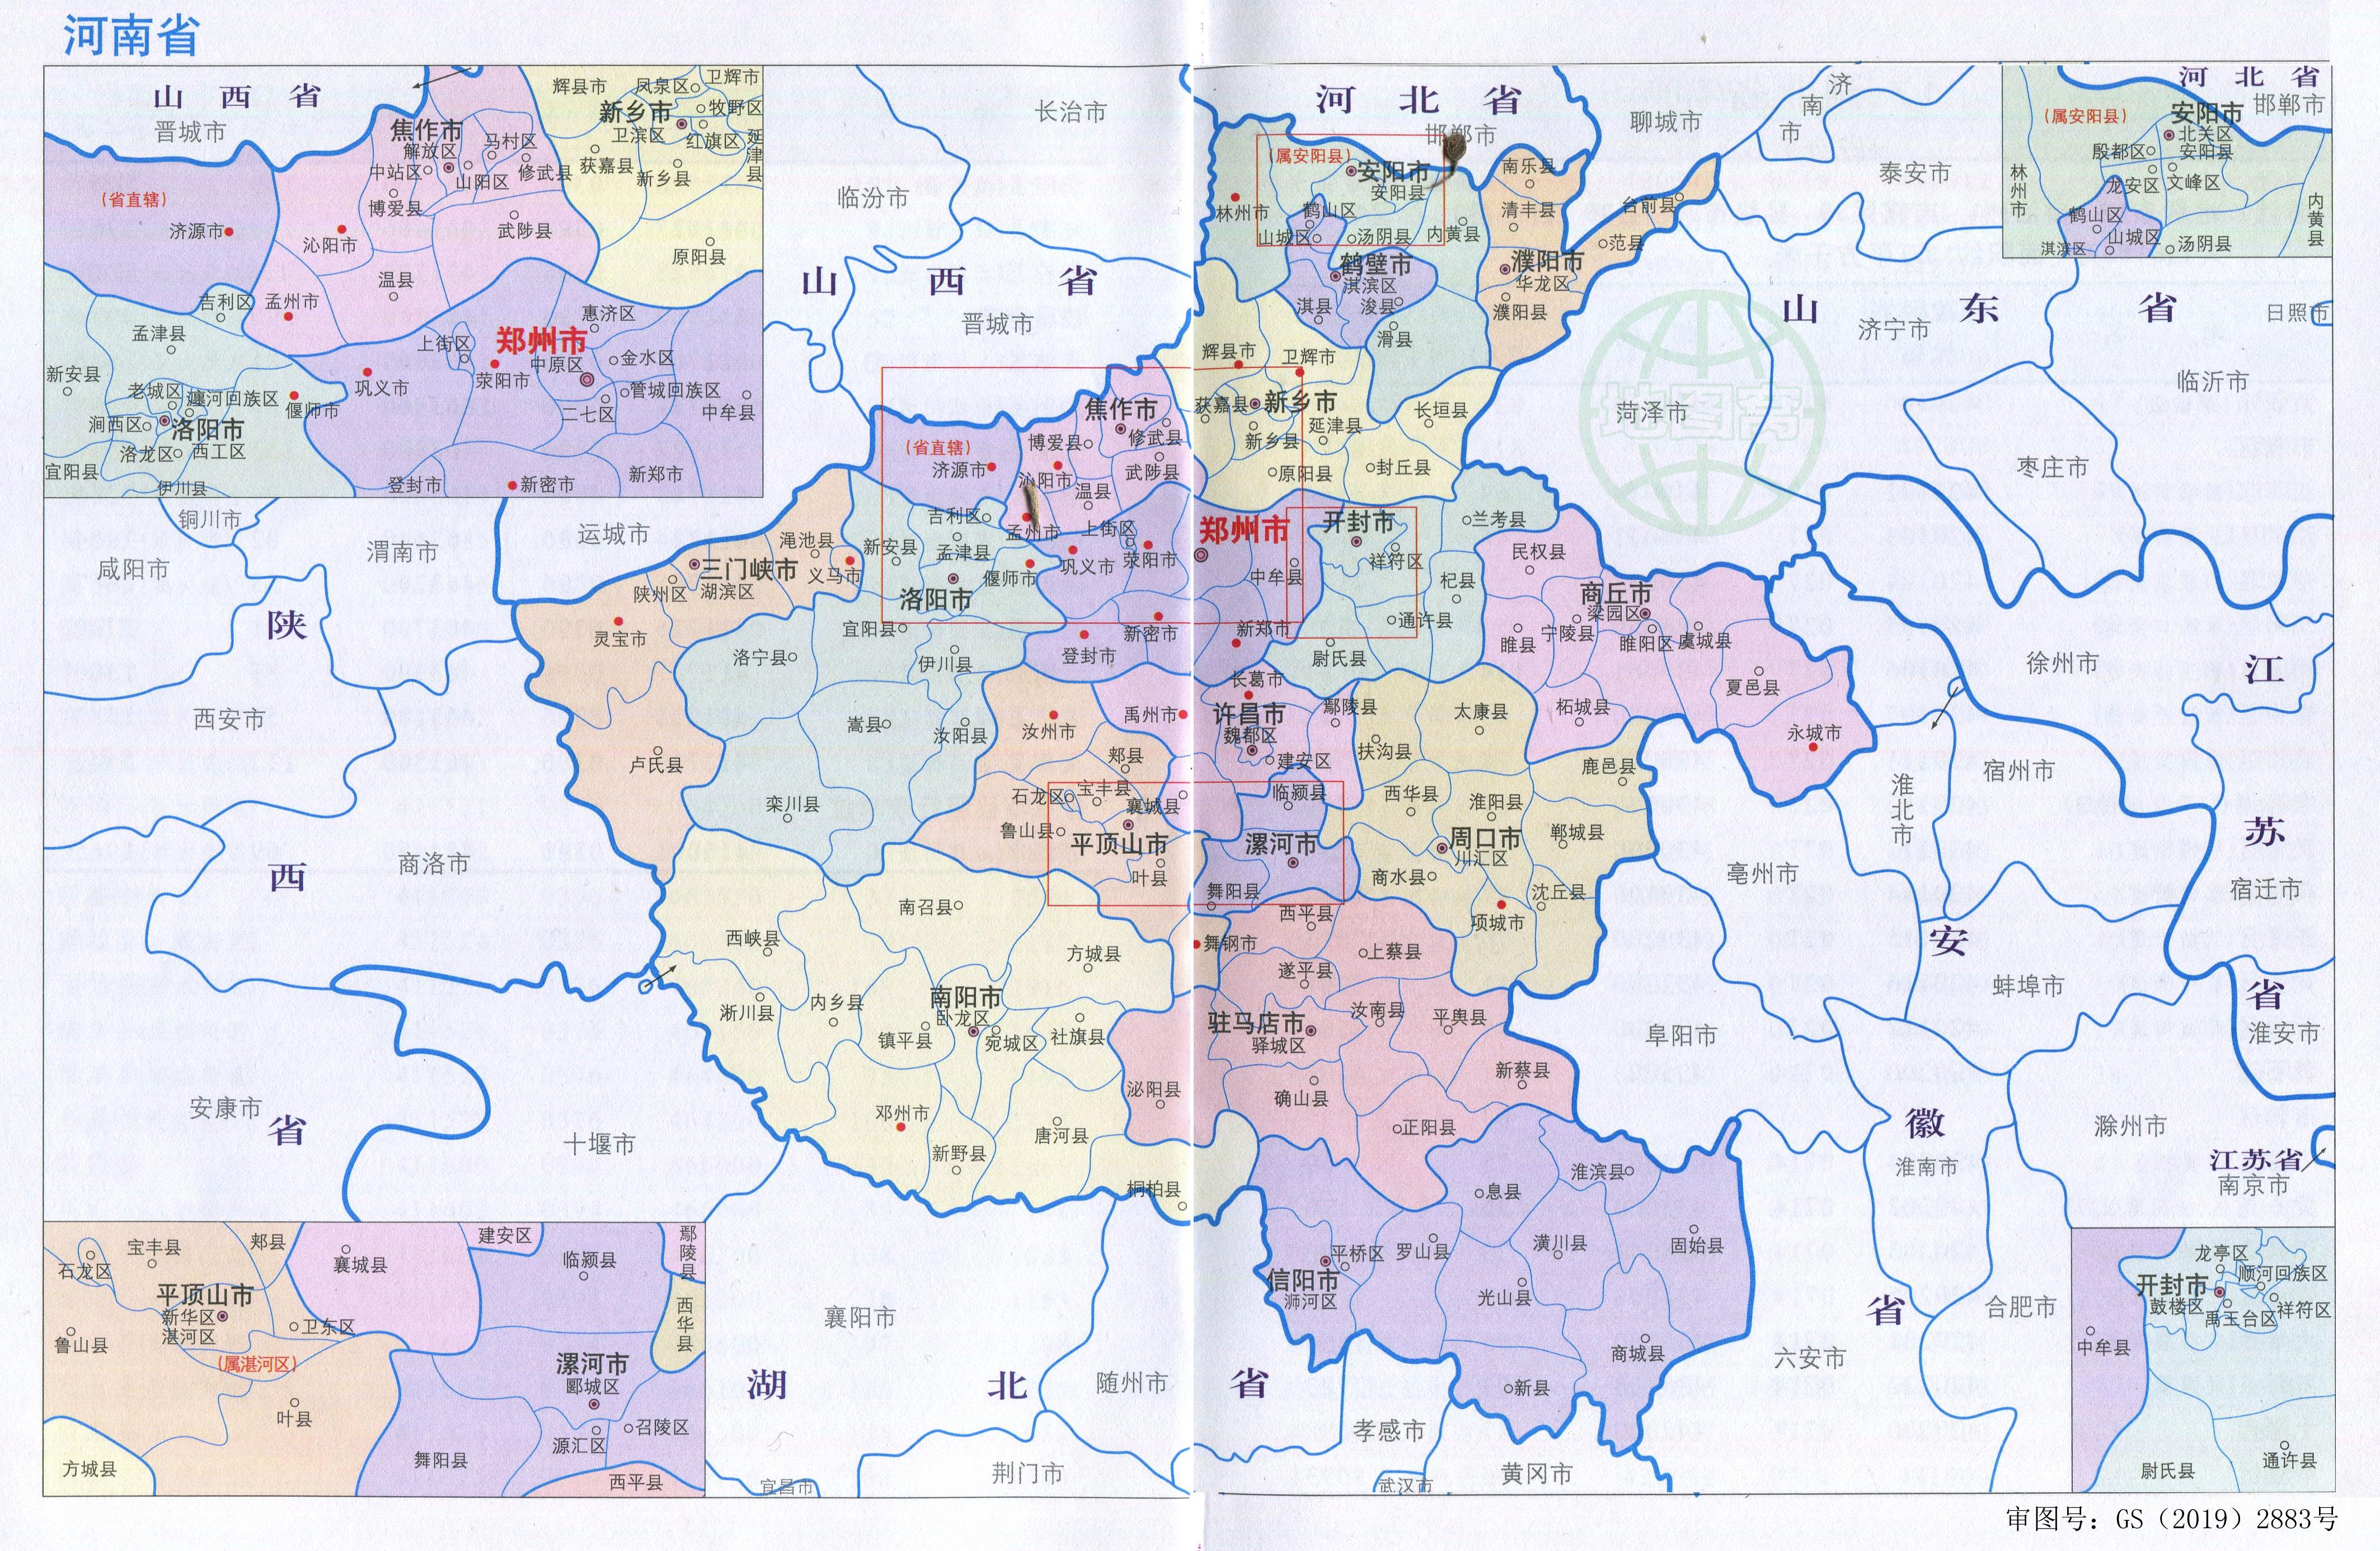 新疆行政区划图_河南省行政区划图+行政统计表(2019)_河南地图库_地图窝